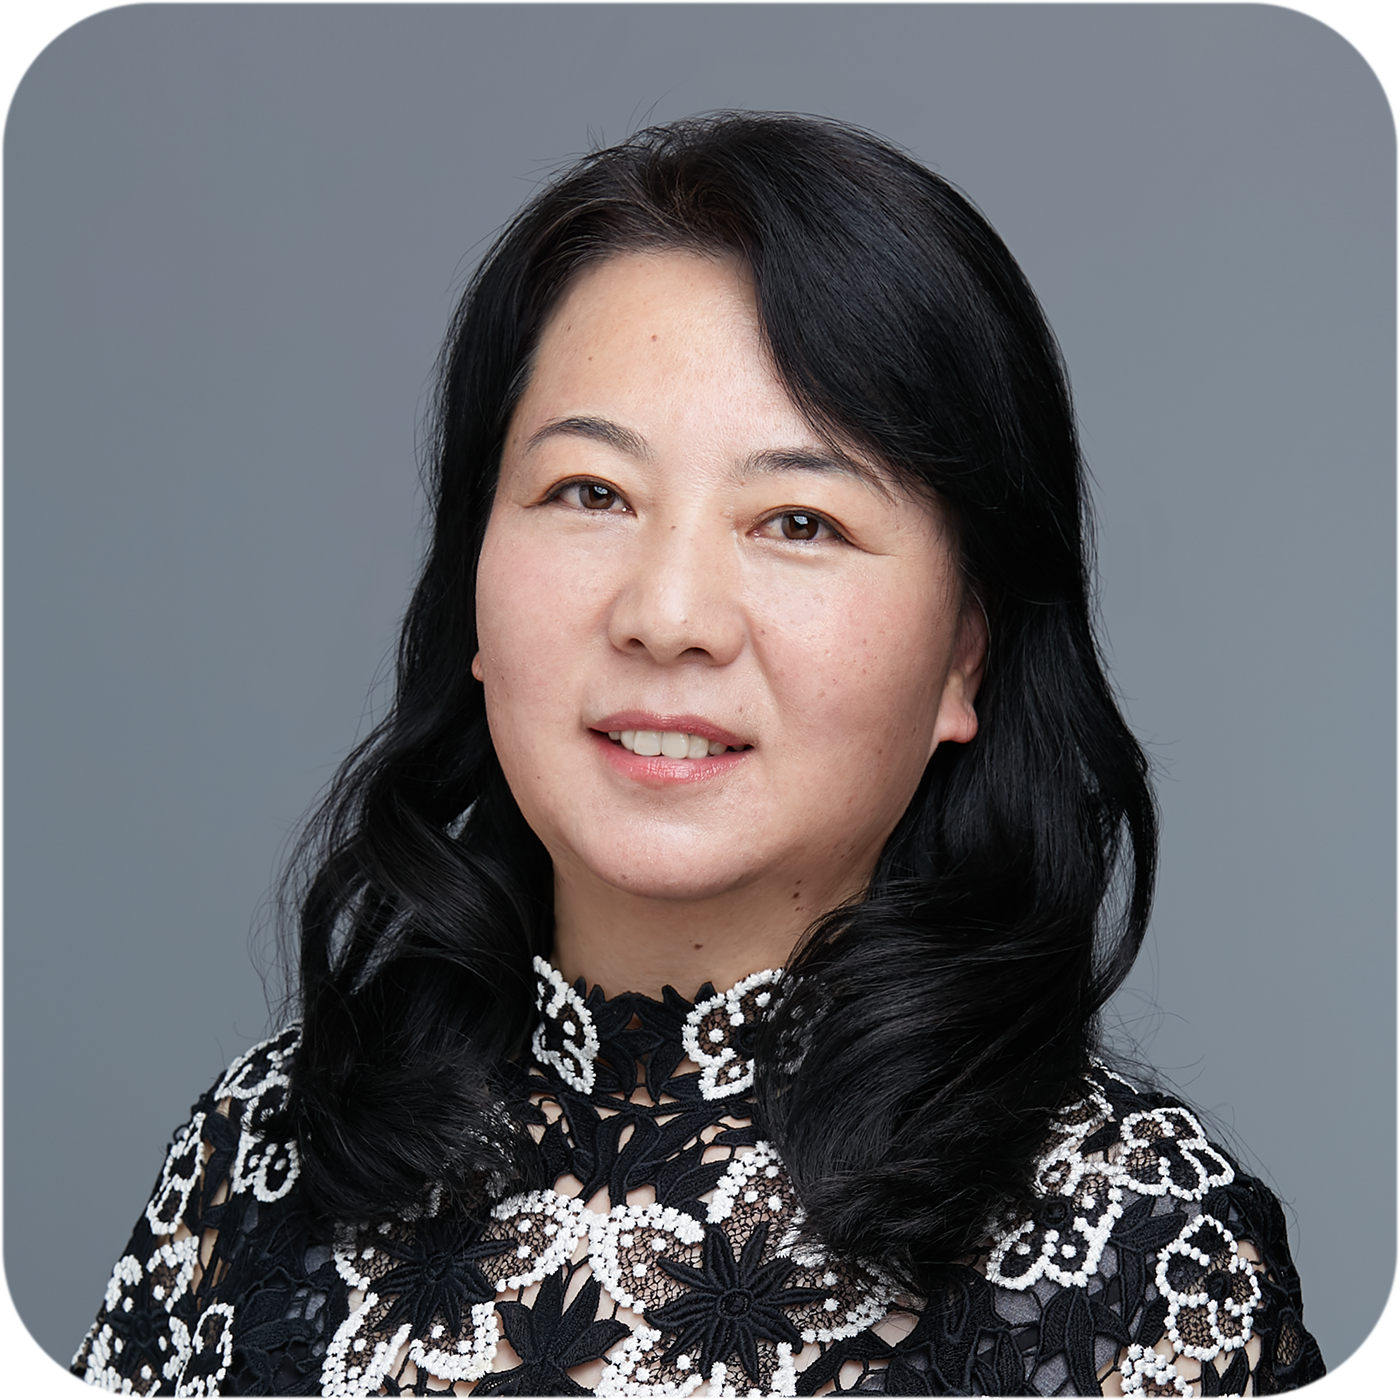 Helen Li 9419